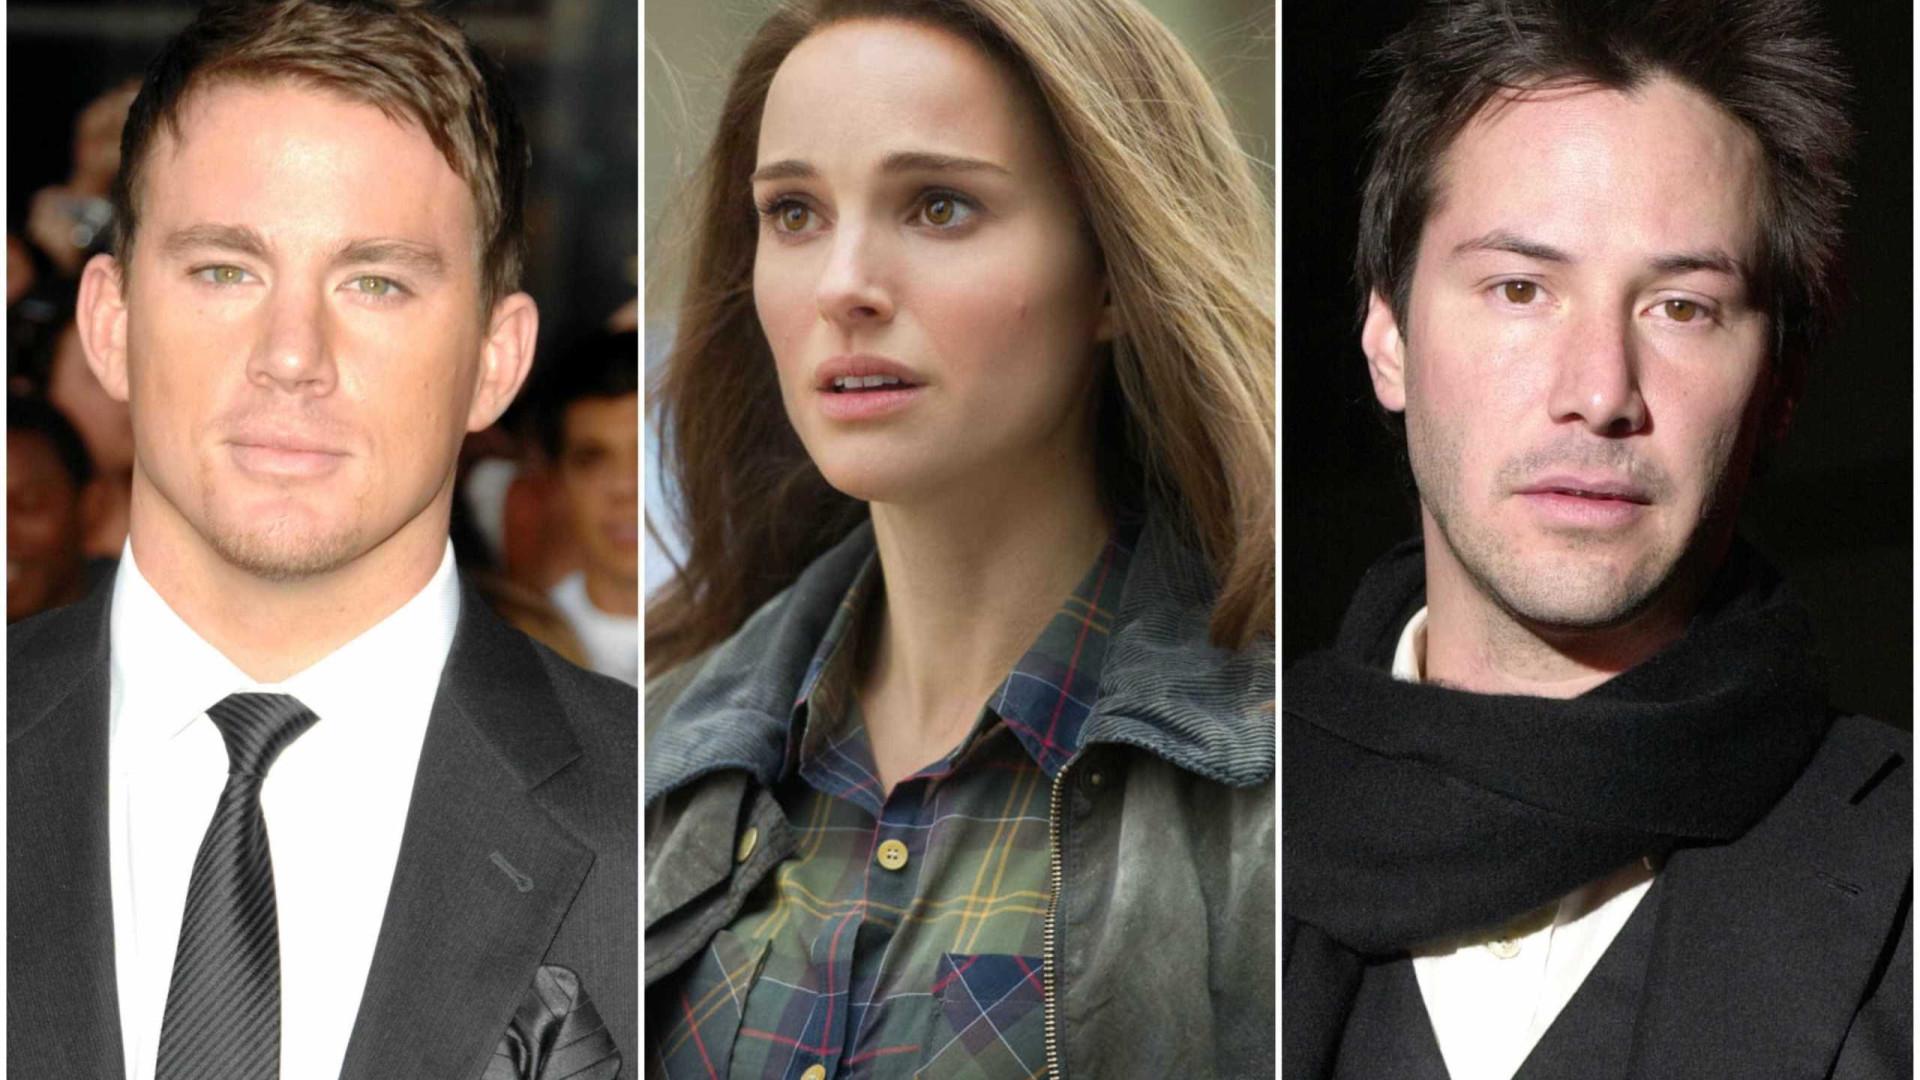 Conheça os atores que interpretaram personagens que não queriam